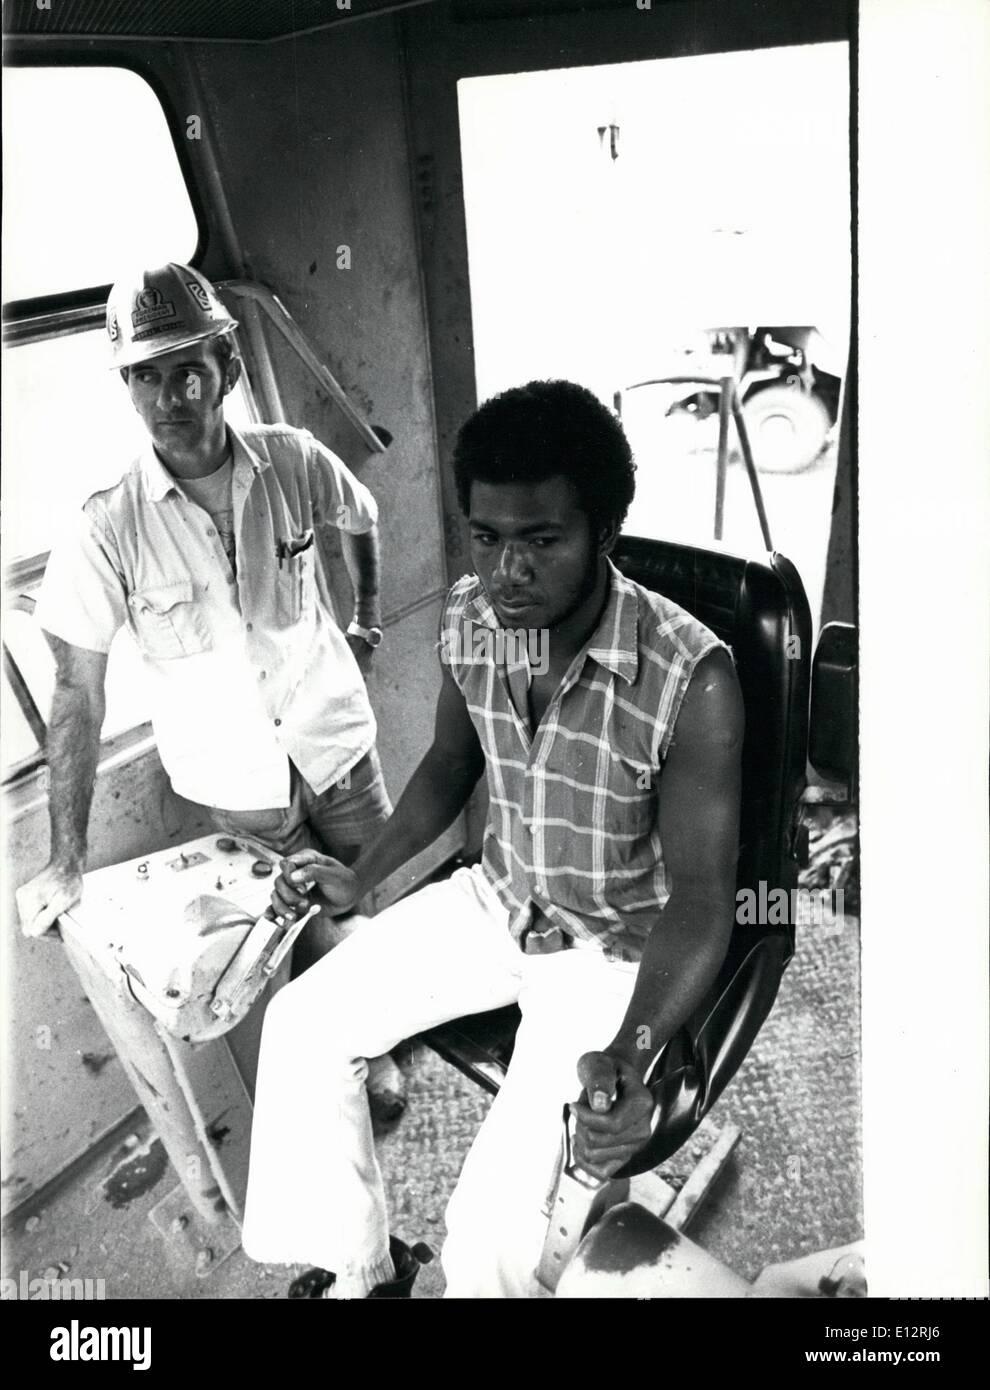 El 25 de febrero, 2012 - Formación de Papua Nueva Guinea negros en mina. Isla de Bougainvillea. Imagen De Stock